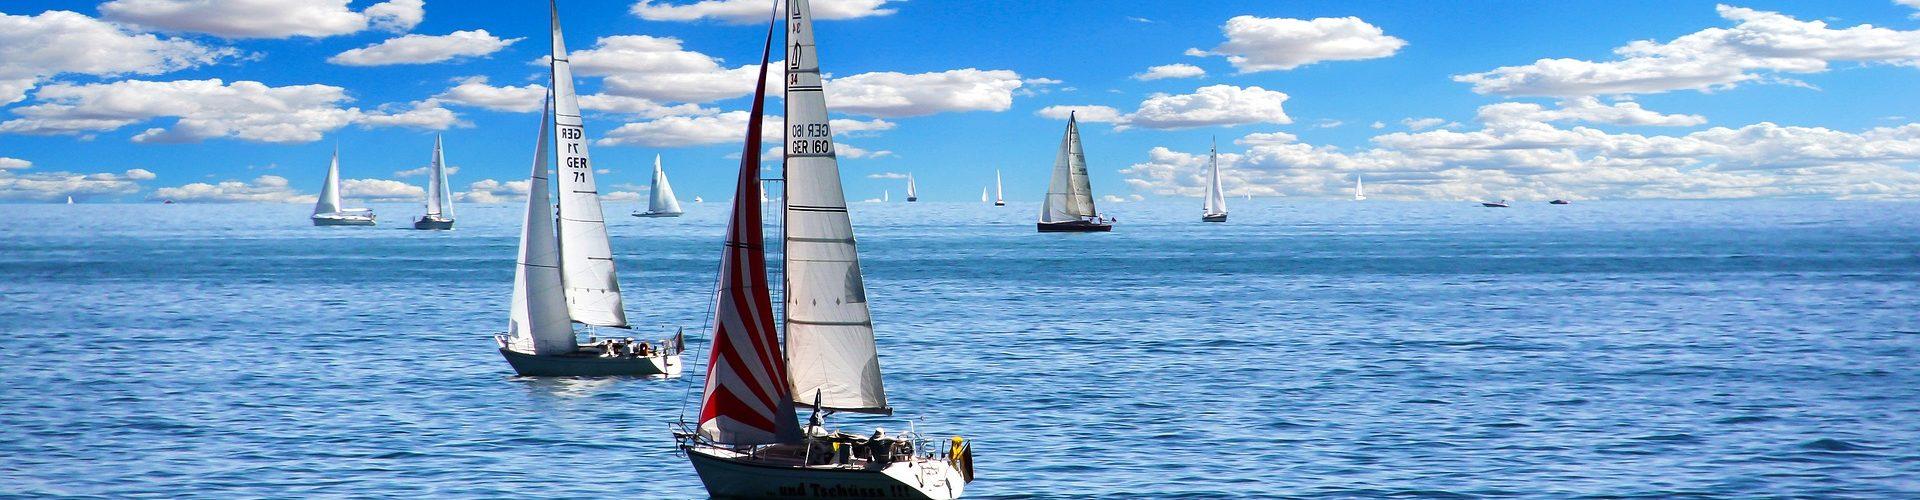 segeln lernen in Brodersby segelschein machen in Brodersby 1920x500 - Segeln lernen in Brodersby